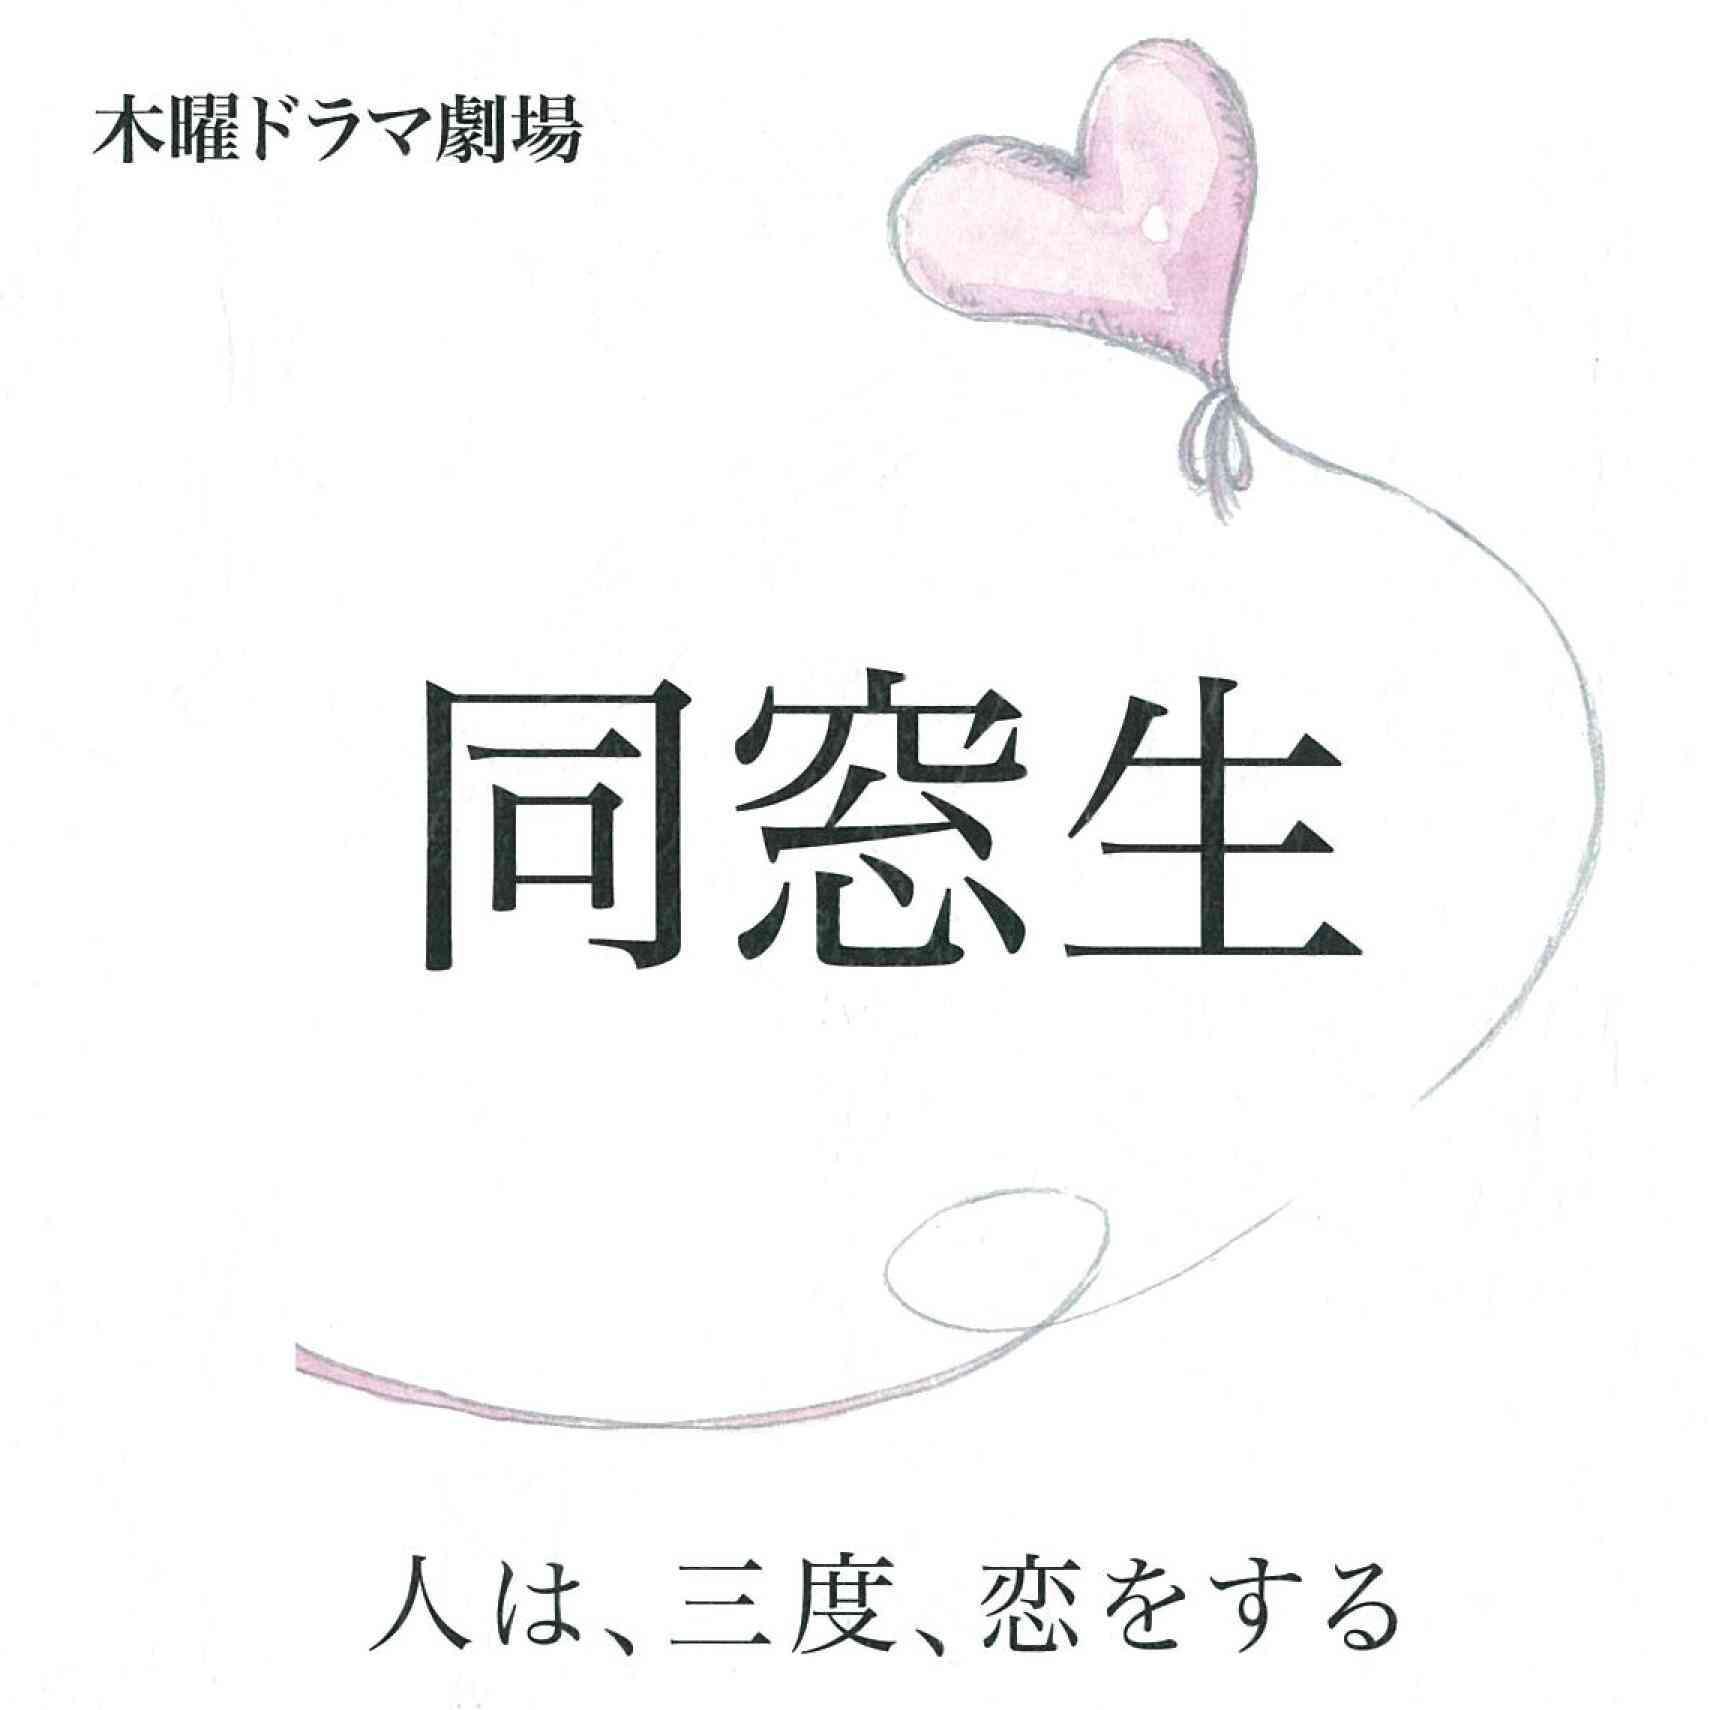 【実況&感想】同窓生 最終話